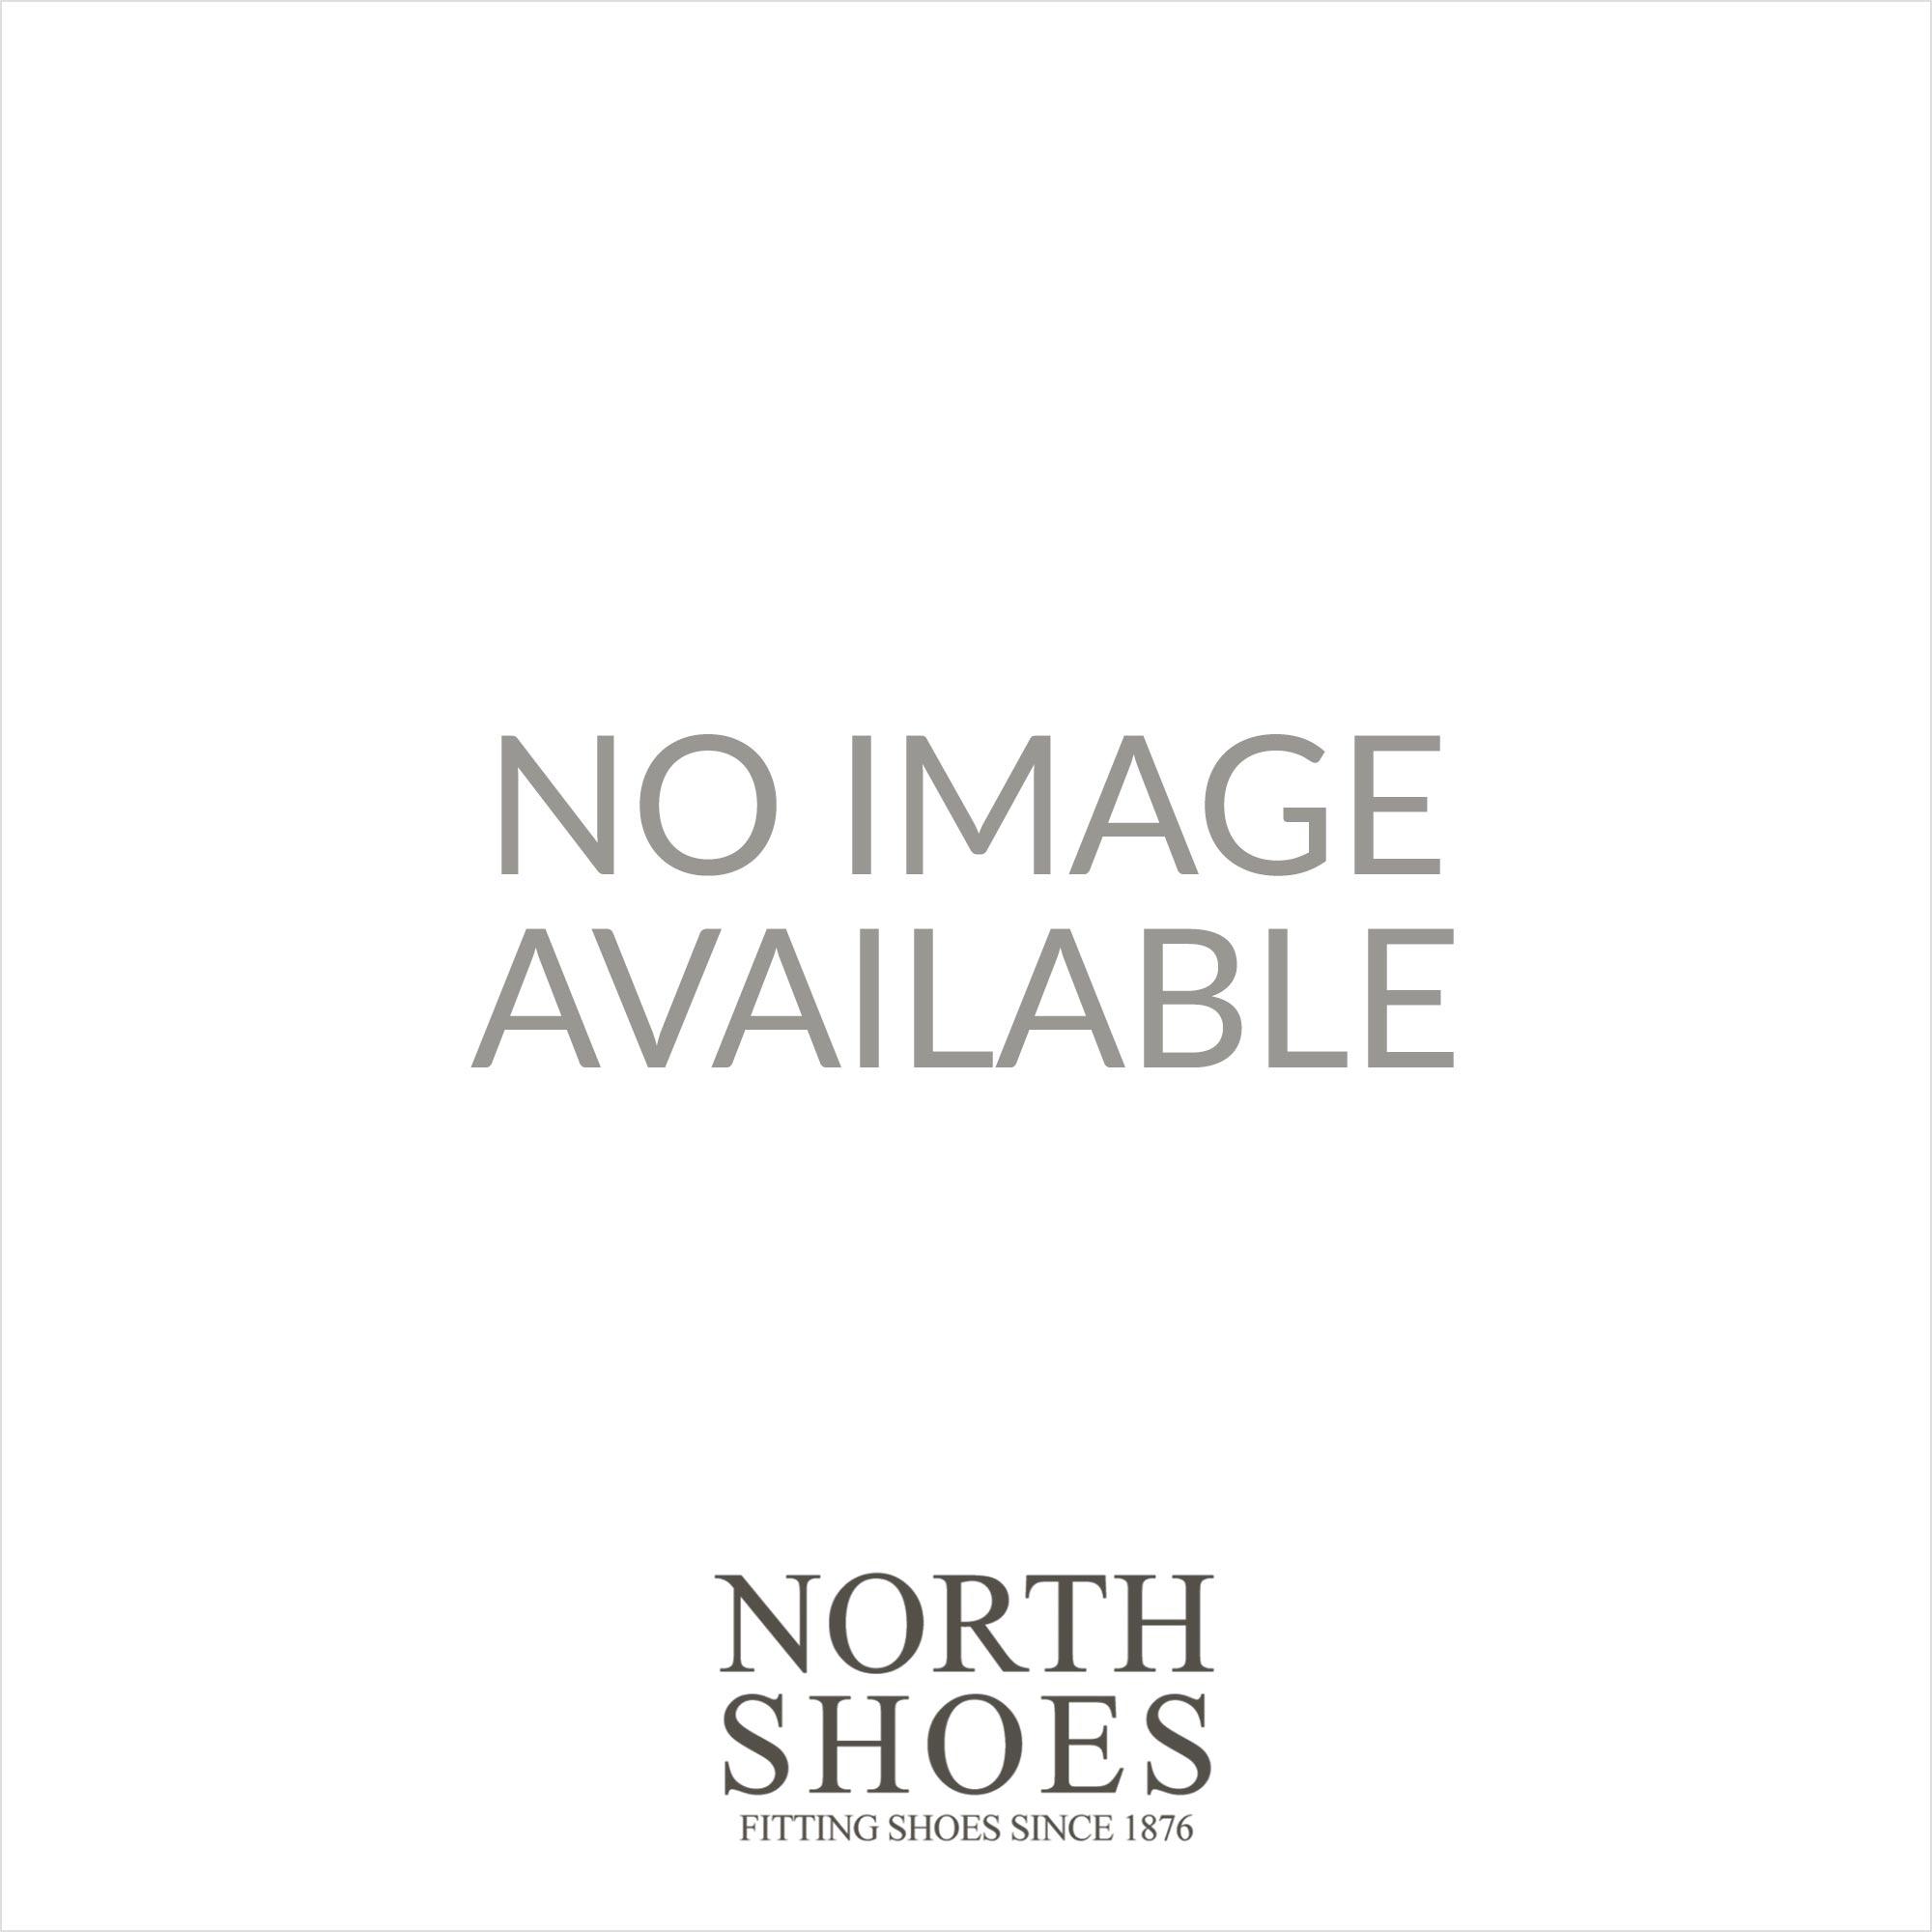 fcb46122370d0 ... Fitflop Chrissie Knit Pearl Woollen Womens Slip On Mule Slipper ...